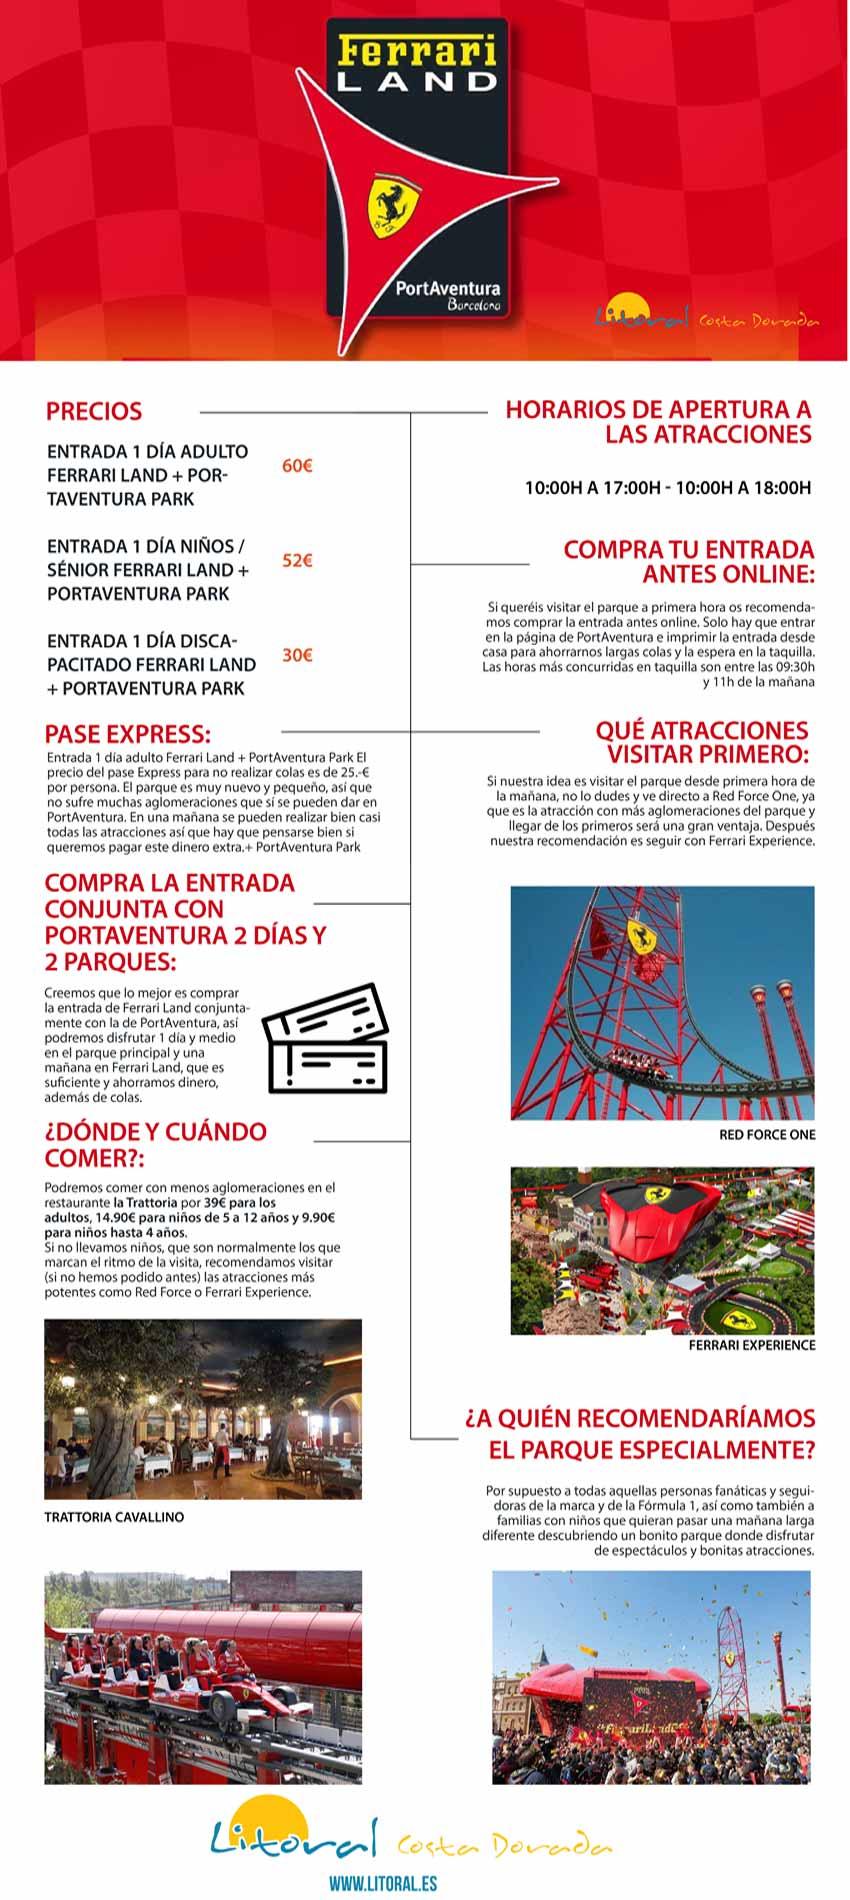 Infografia de los mejores consejos y recomendaciones de Ferrari Land